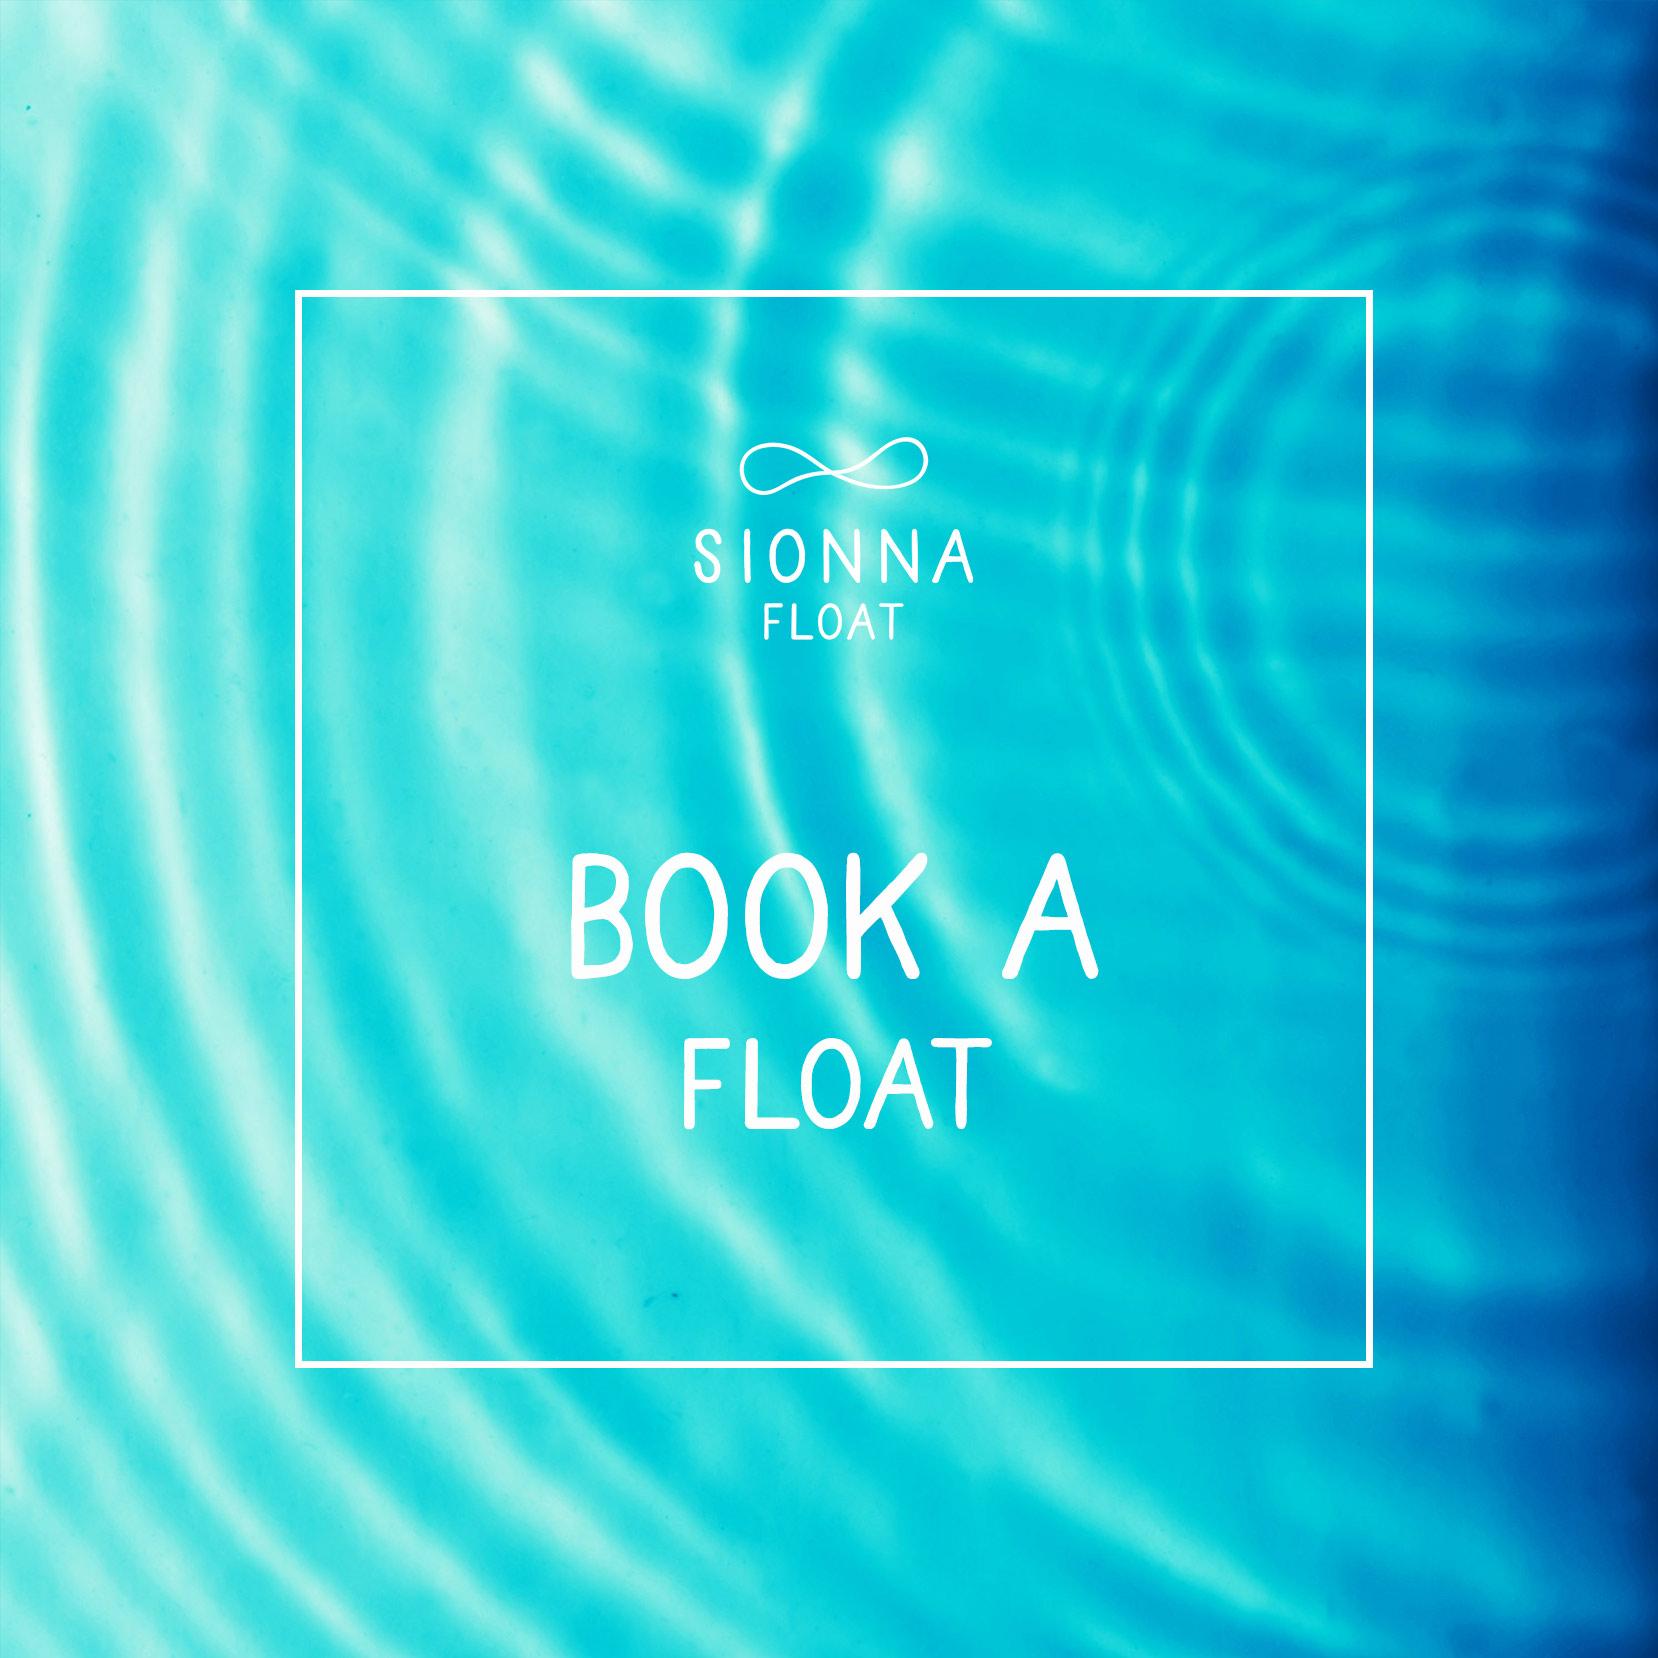 Float_booking.jpg